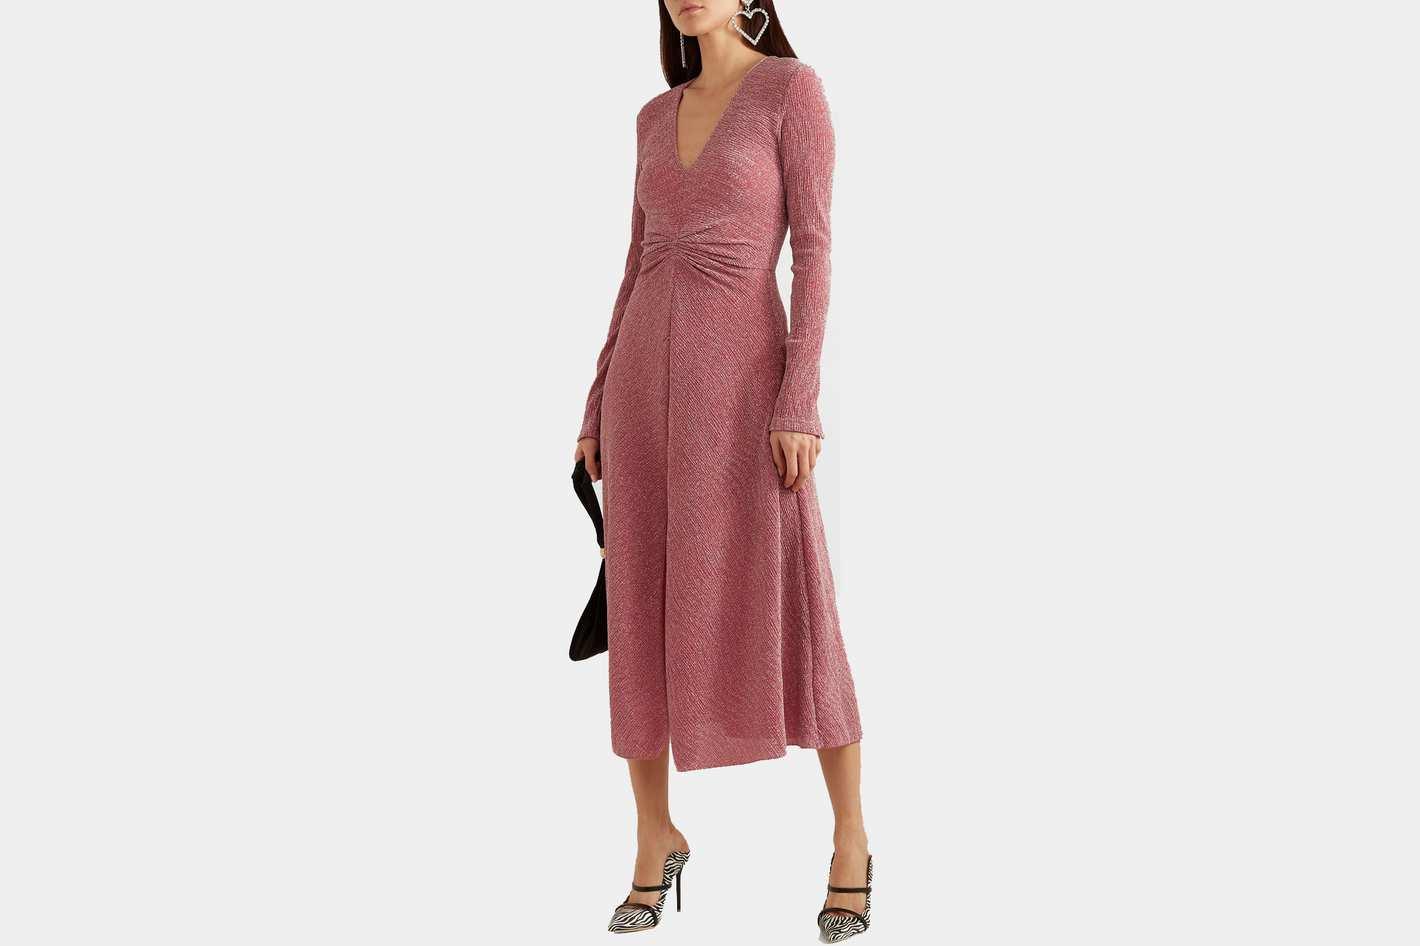 Rotate Birger Christensen Gathered Dress